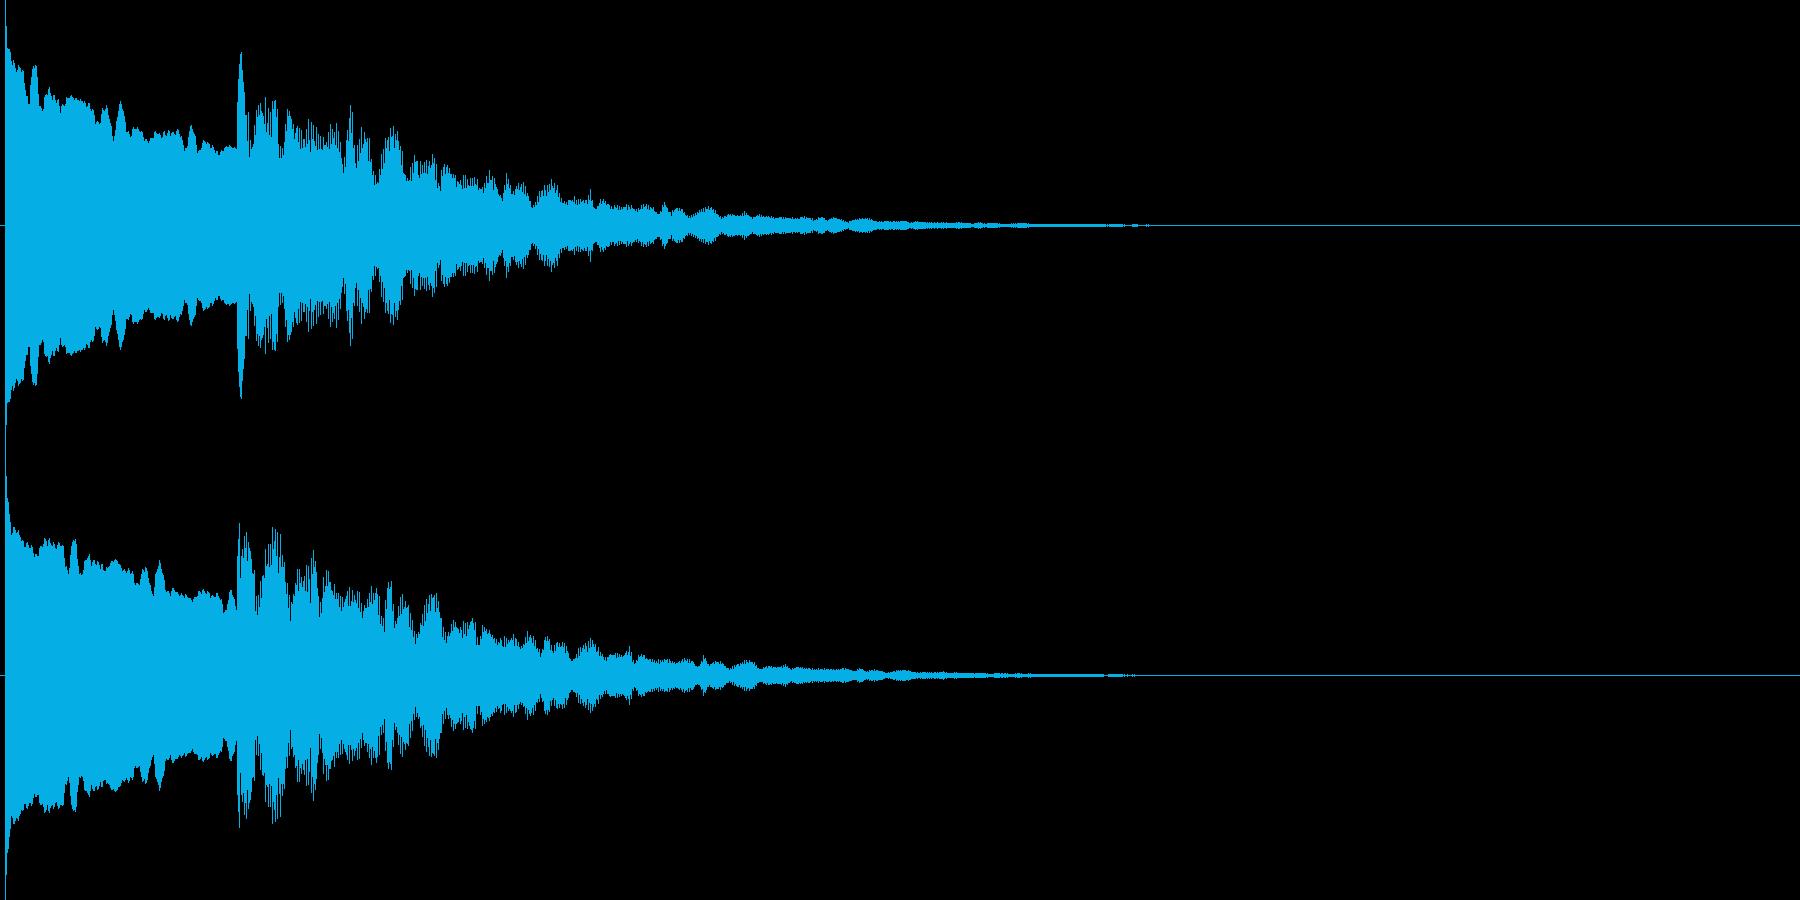 コ~ン..。のど自慢風の鐘(不合格)の再生済みの波形